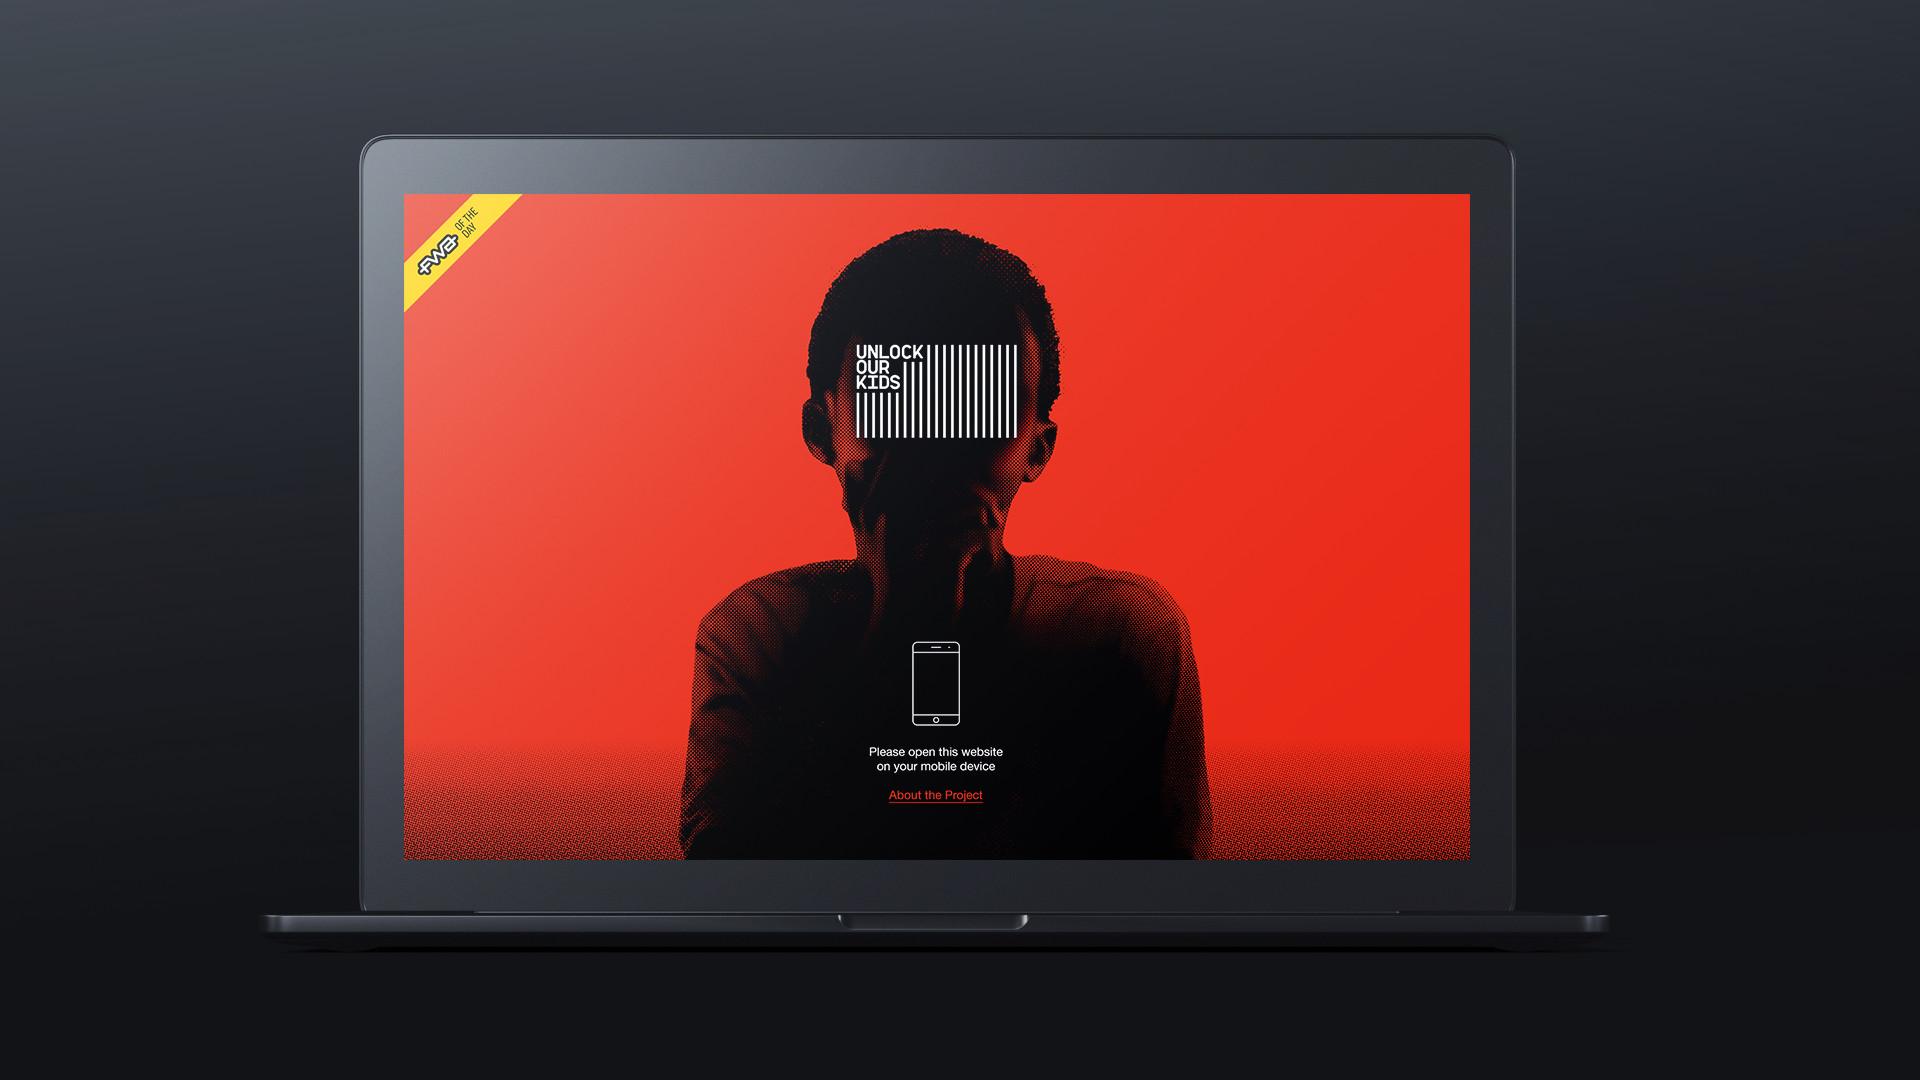 004_Desktop.jpg